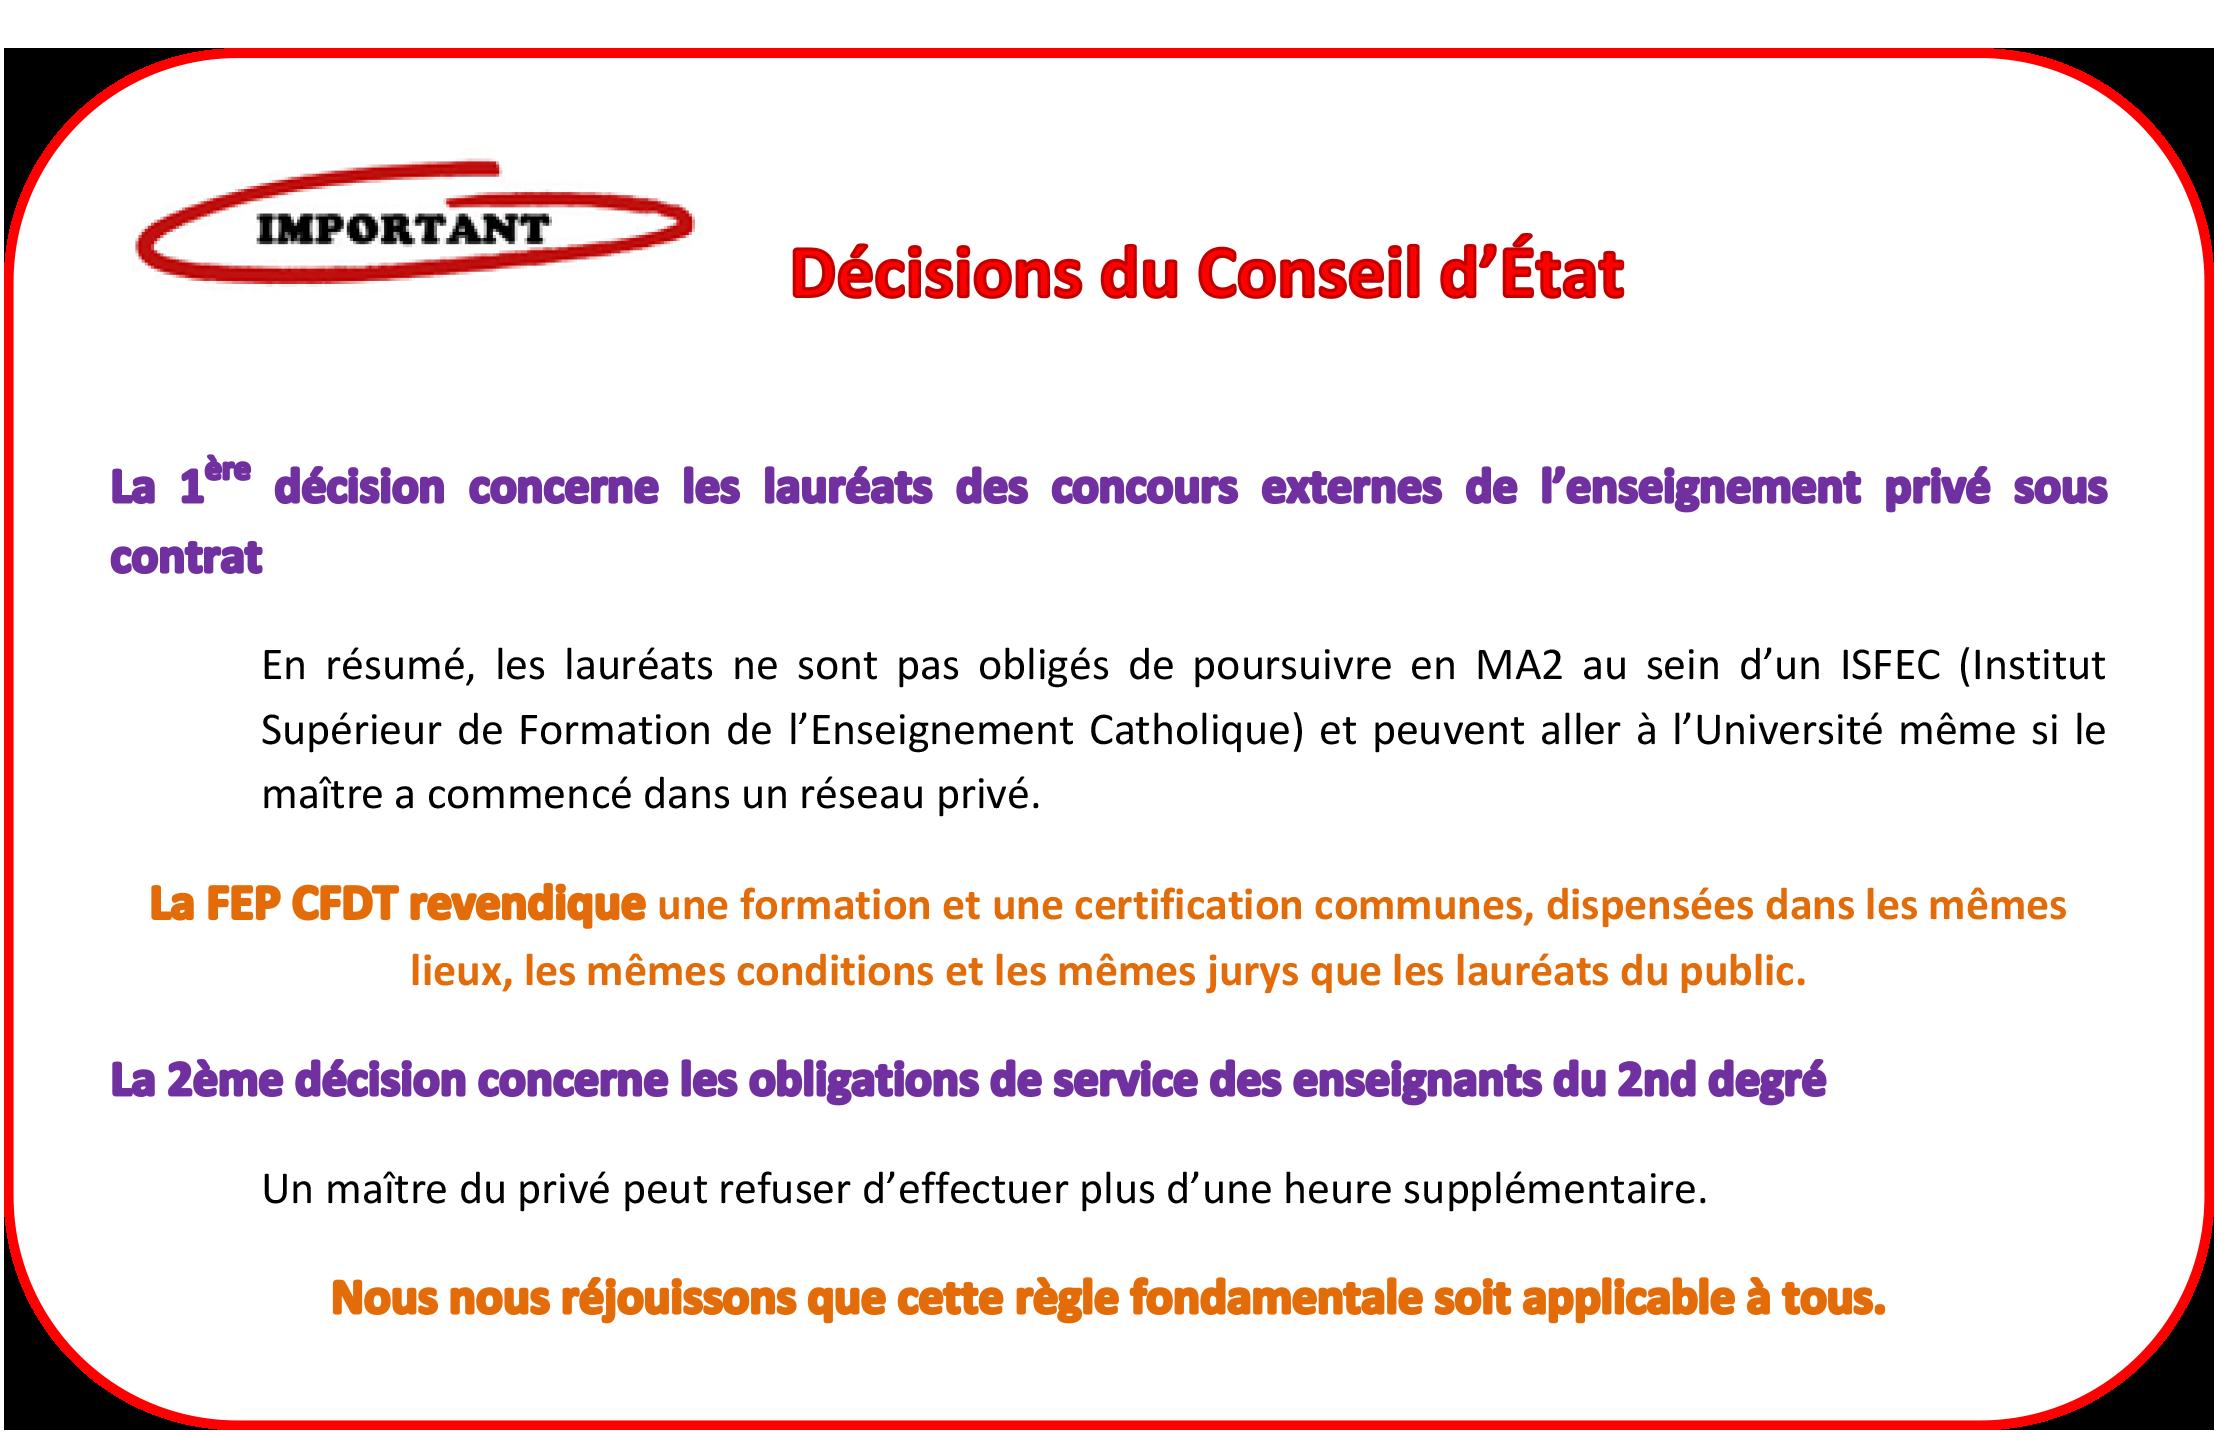 1ère article page ACCUEIL 29 avril decisions Conseil Etat